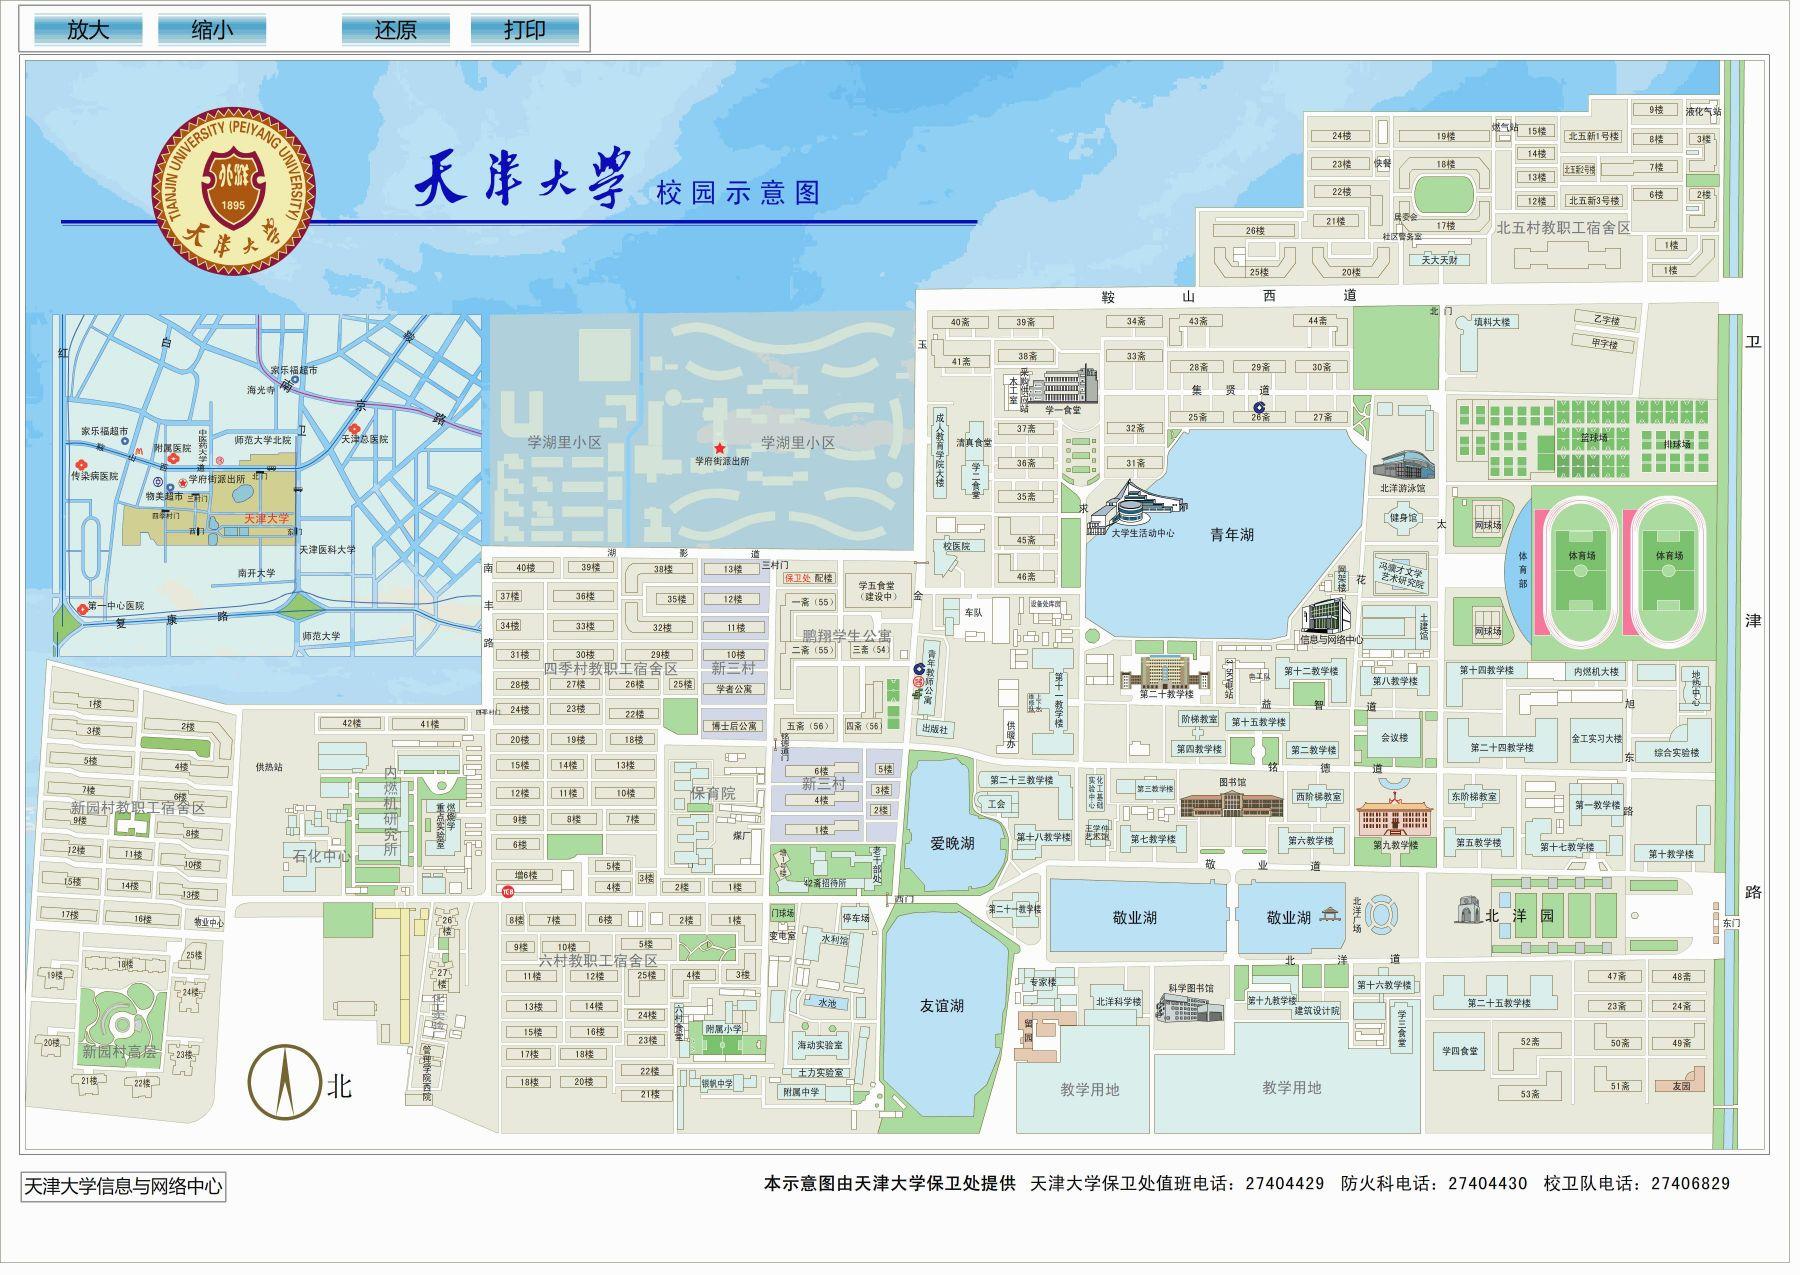 大学 地图